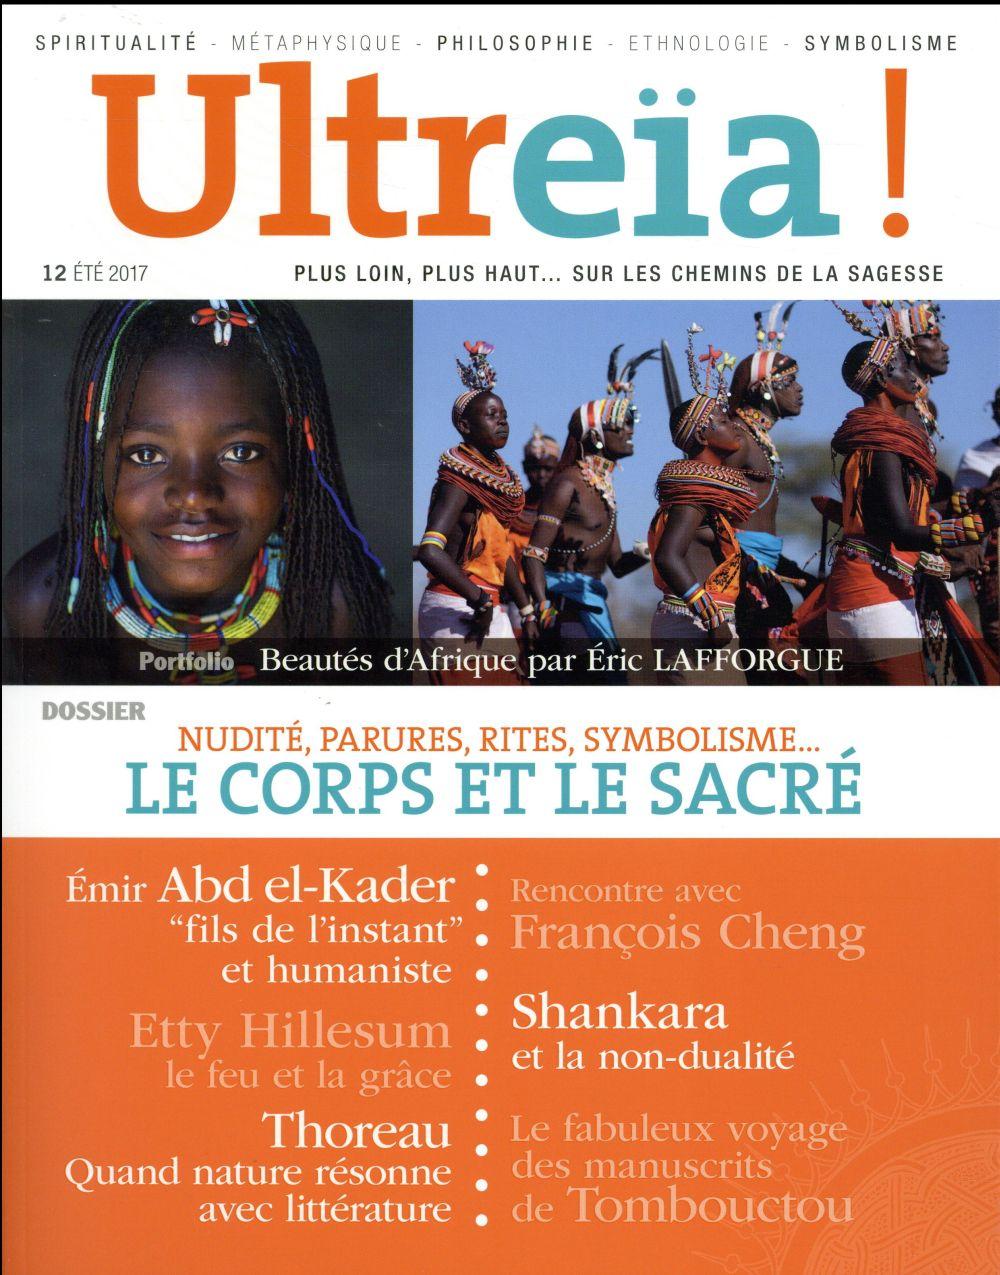 ULTREIA ! 12 - VOL12